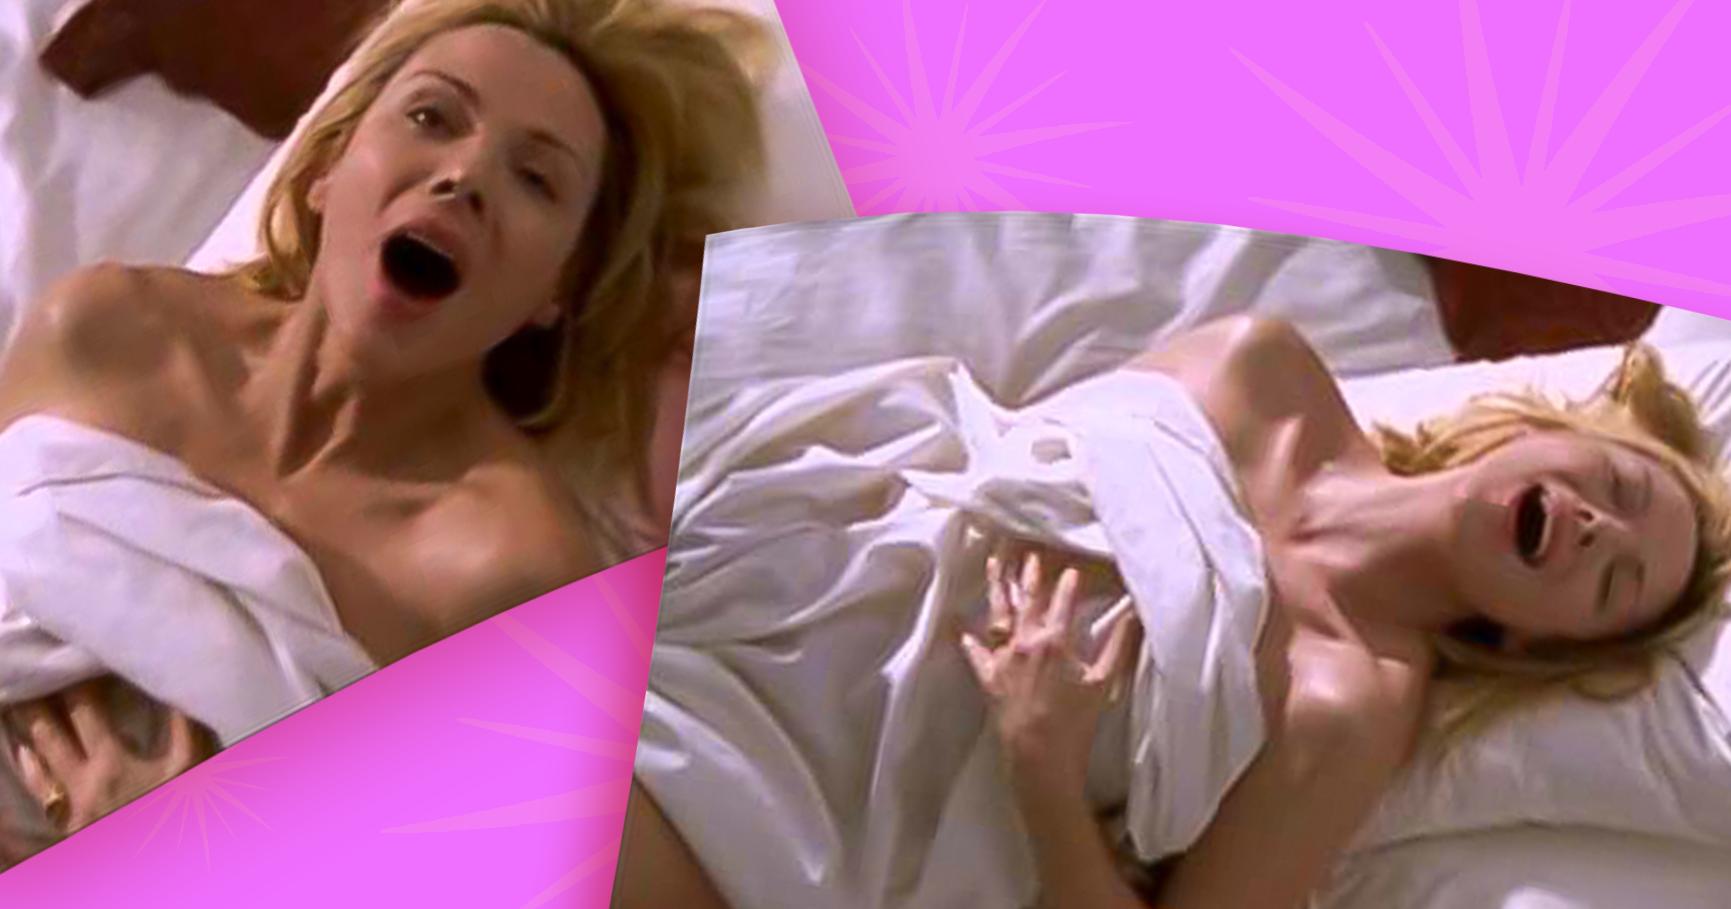 Lauter weiblicher Orgasmus xxx videos colleg